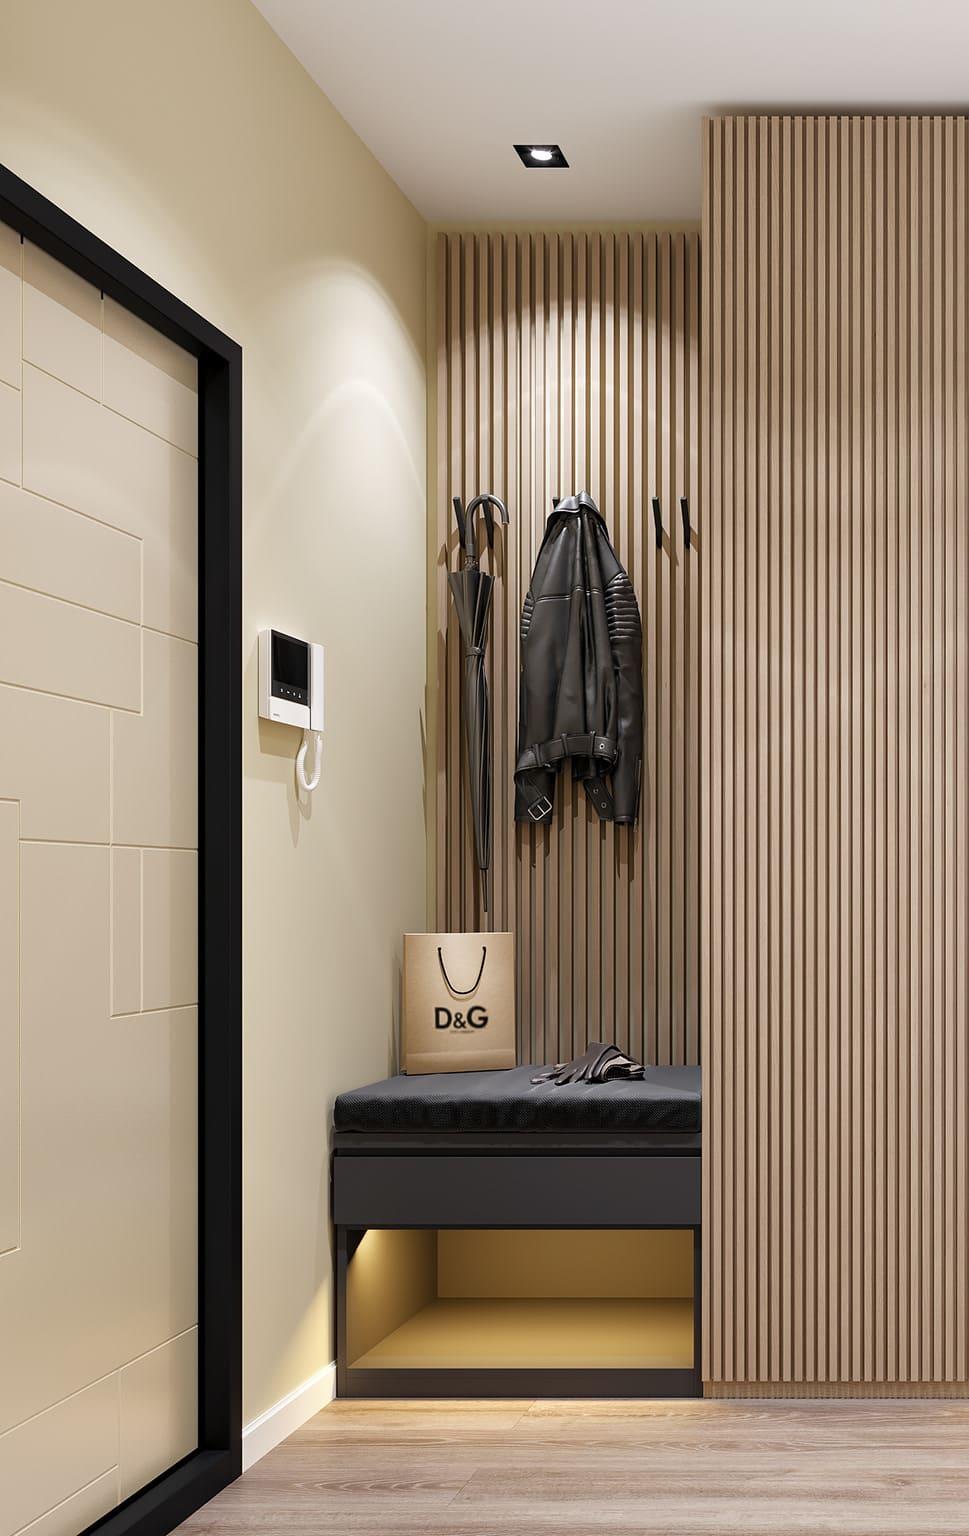 design d'intérieur couloir photo 27